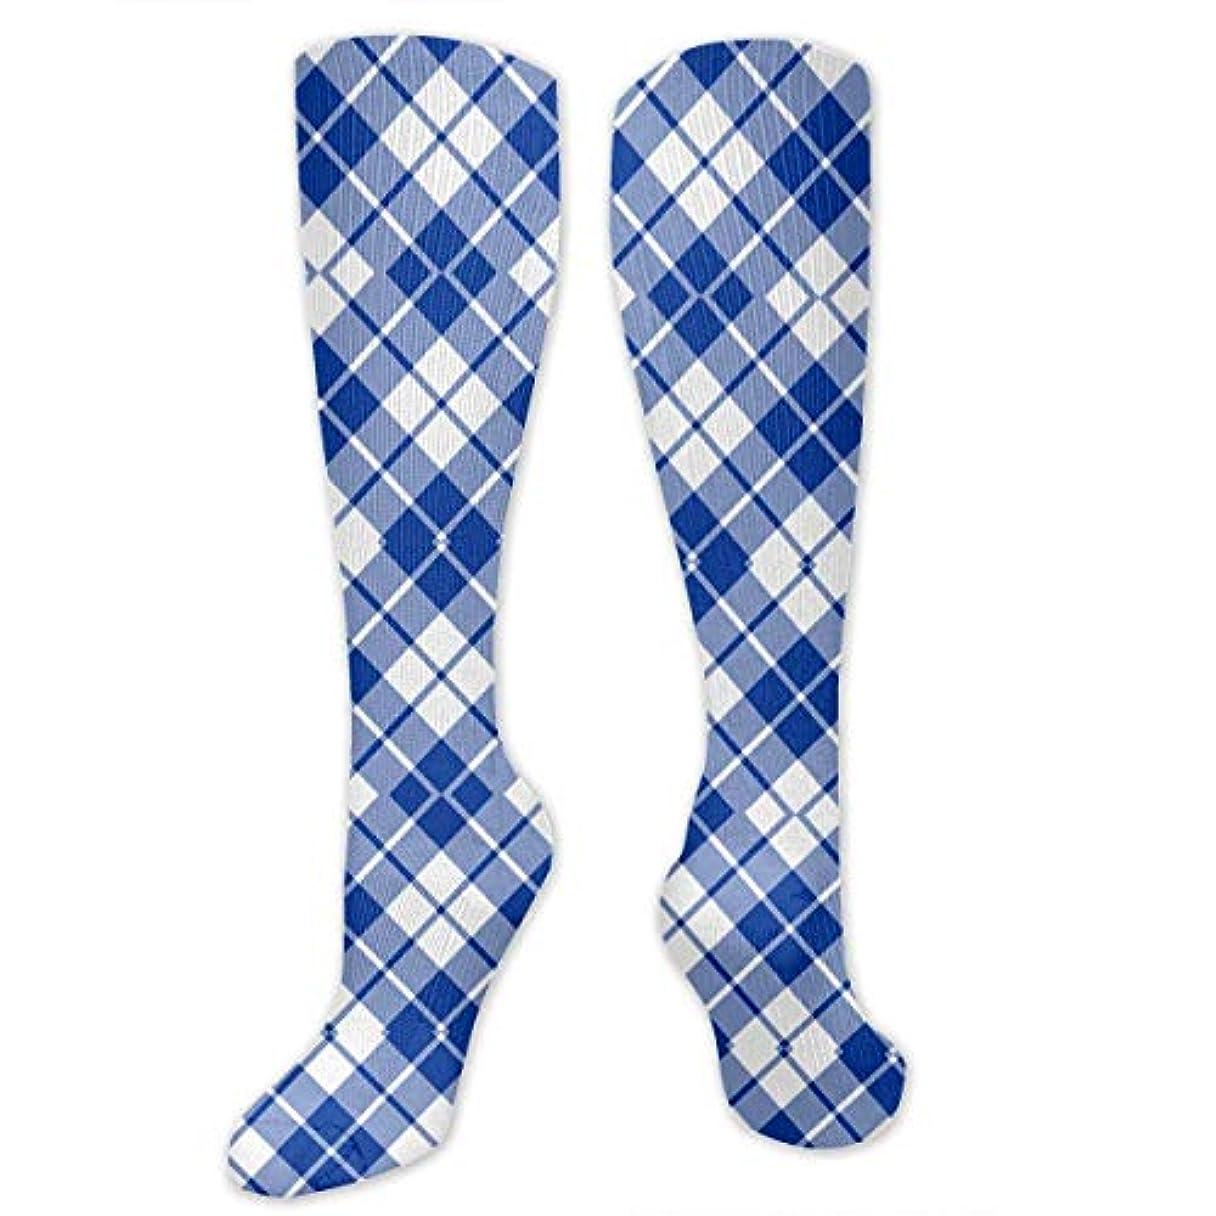 剥離深める幻滅靴下,ストッキング,野生のジョーカー,実際,秋の本質,冬必須,サマーウェア&RBXAA Blue and White Diagonal Tartan Socks Women's Winter Cotton Long Tube...